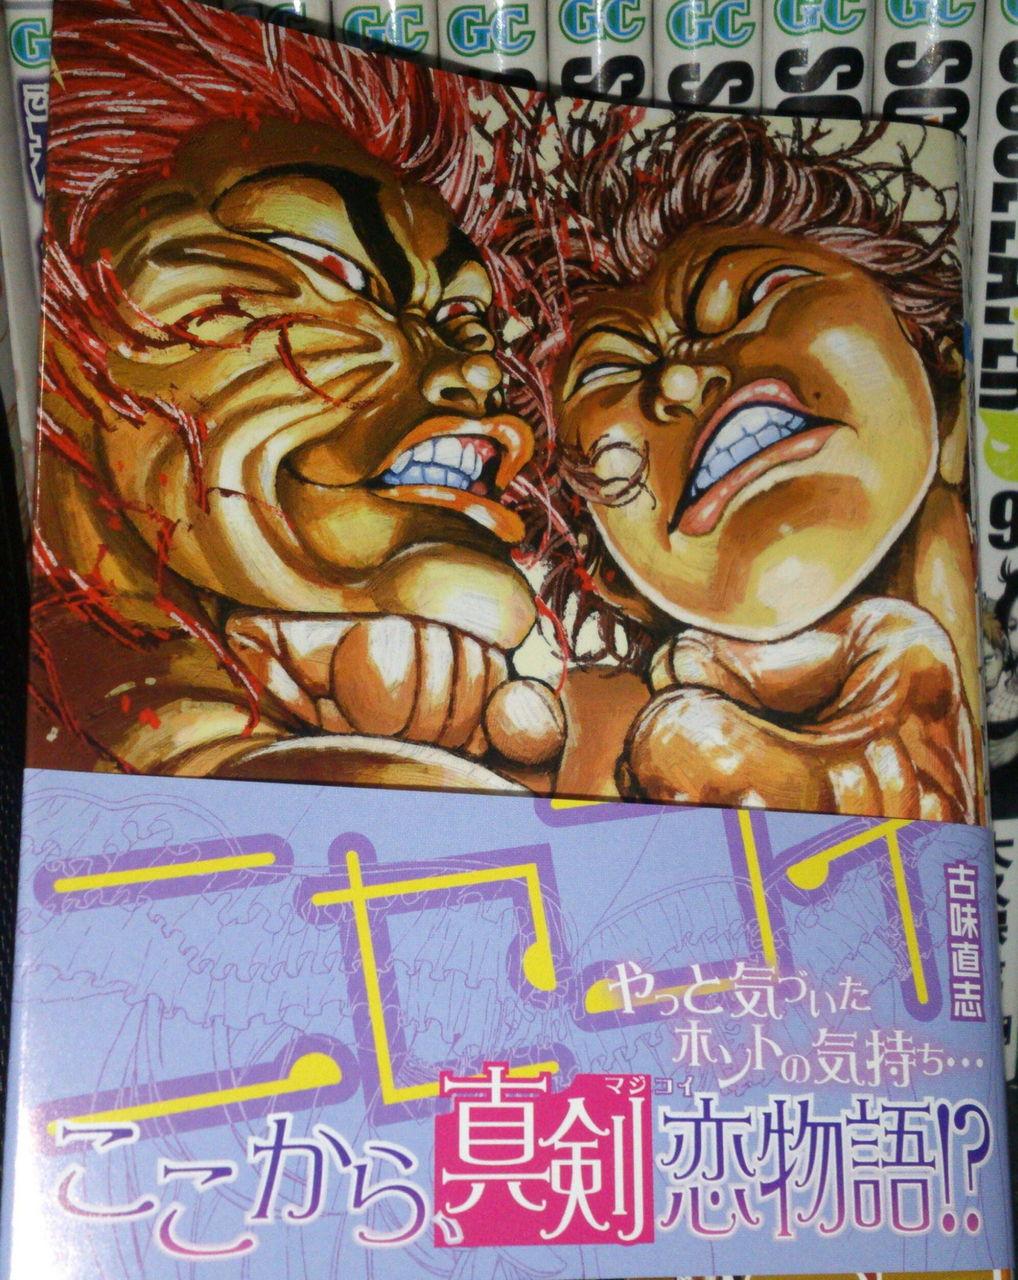 http://livedoor.blogimg.jp/mataaaaari/imgs/8/6/8692b680.jpg